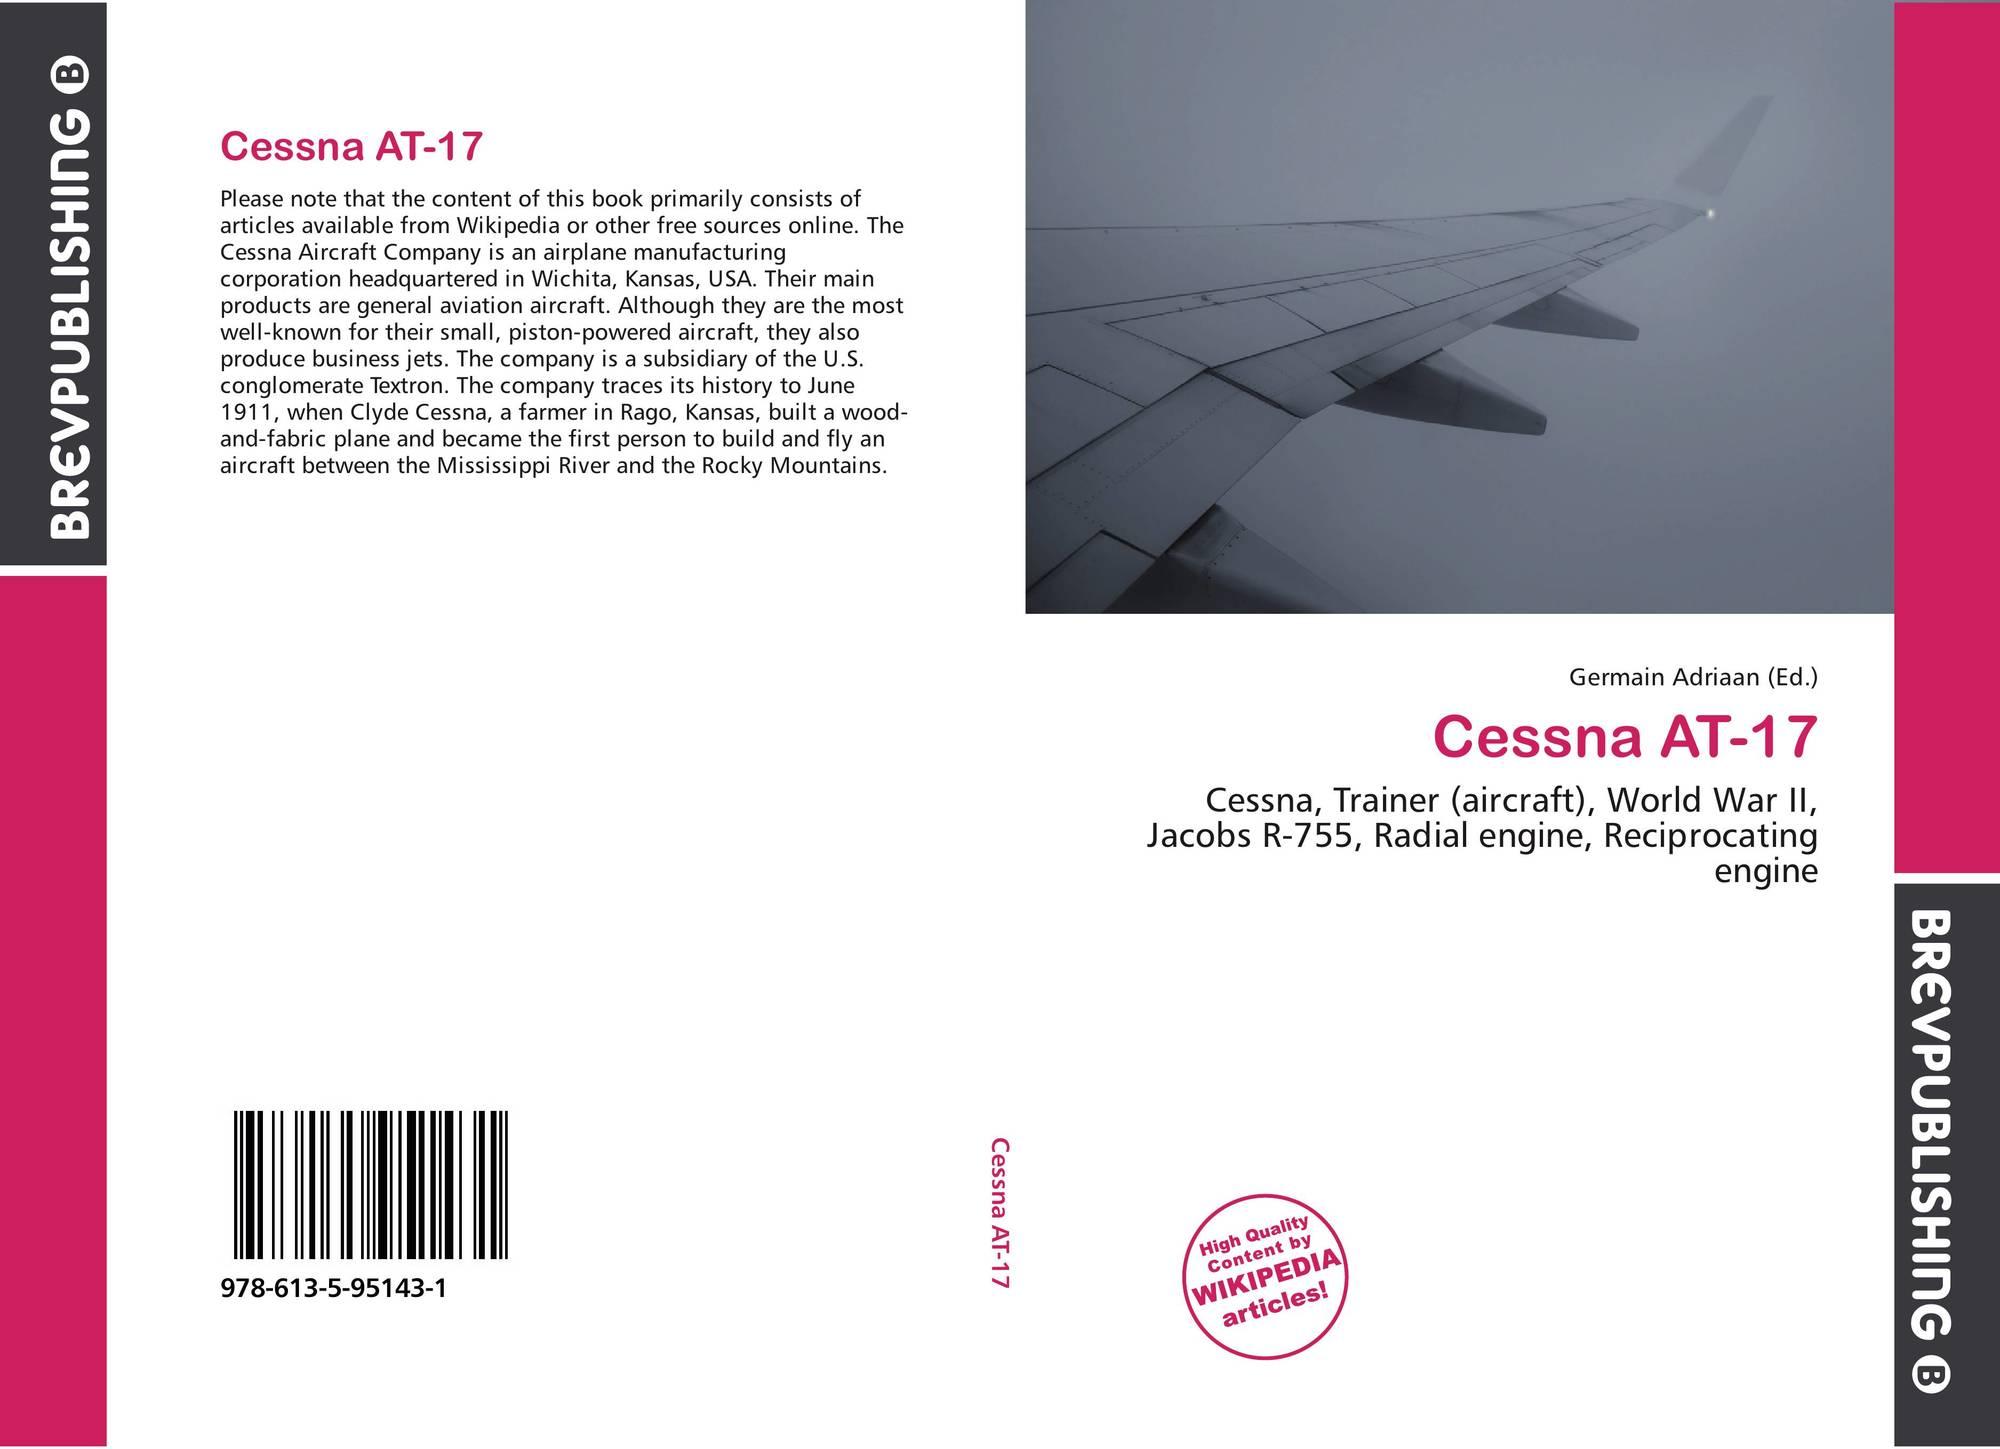 Cessna AT-17, 978-613-5-95143-1, 6135951432 ,9786135951431